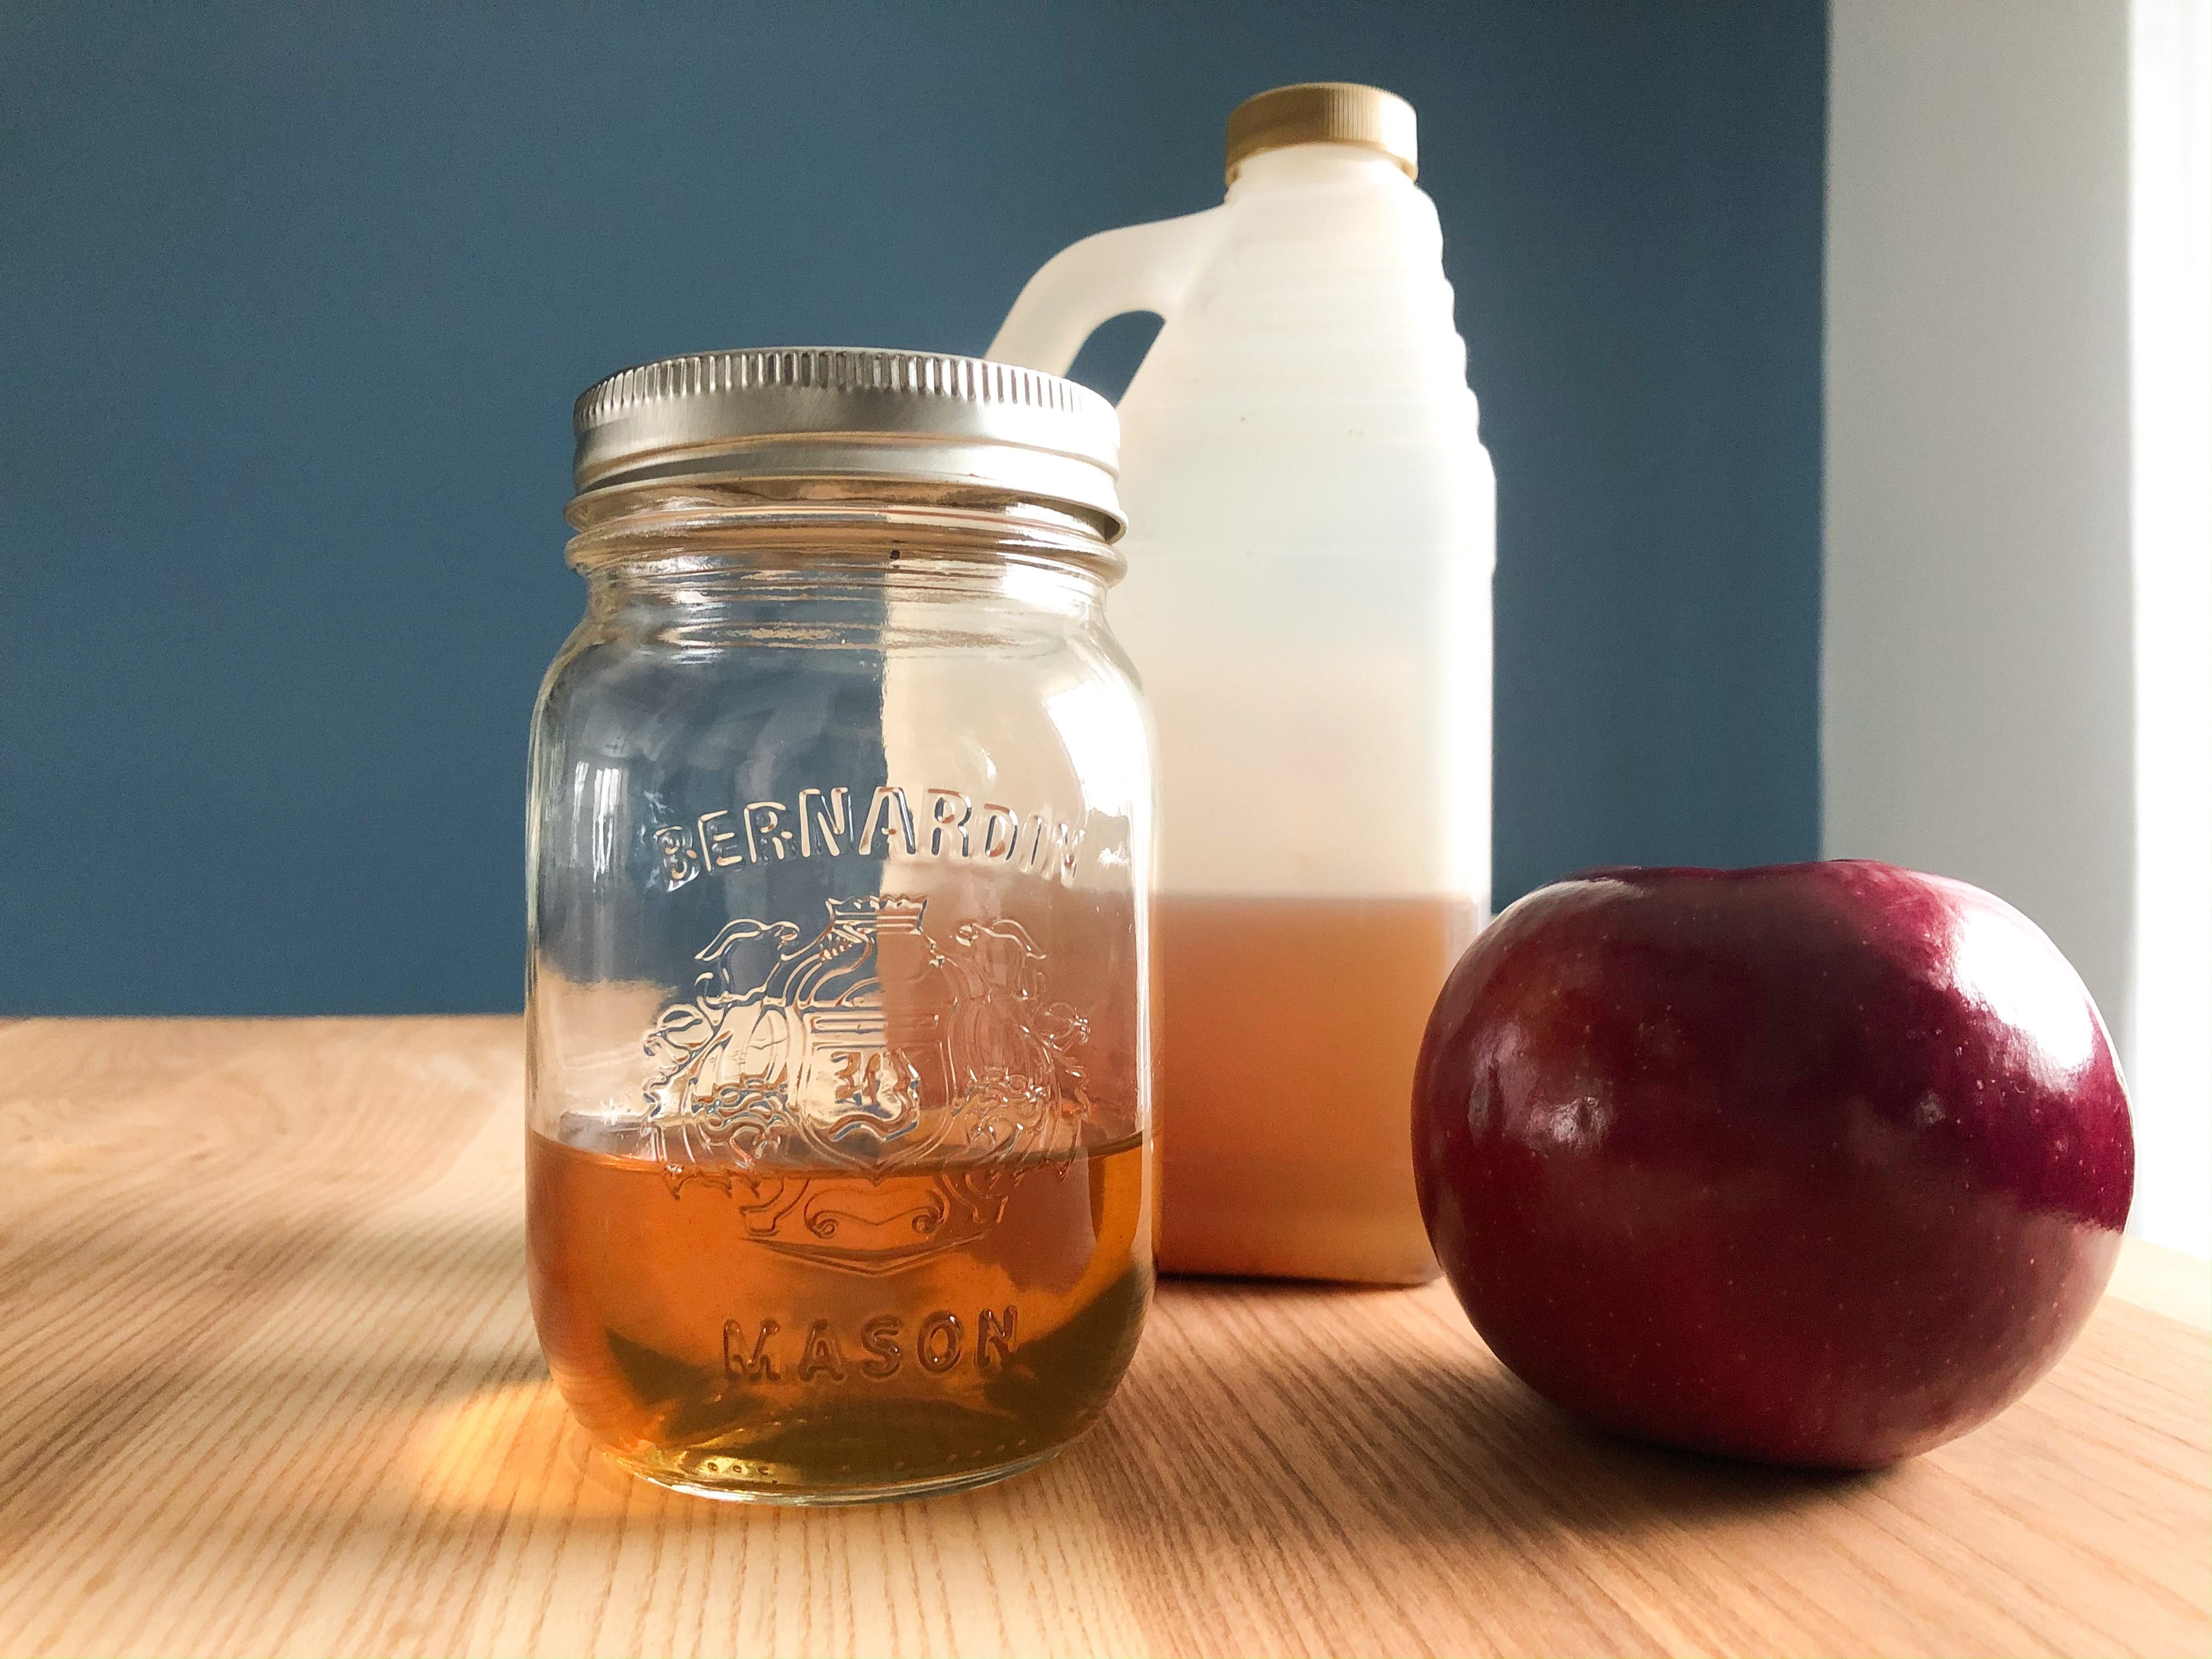 Maigrir sans effort avec le vinaigre de cidre de pomme?